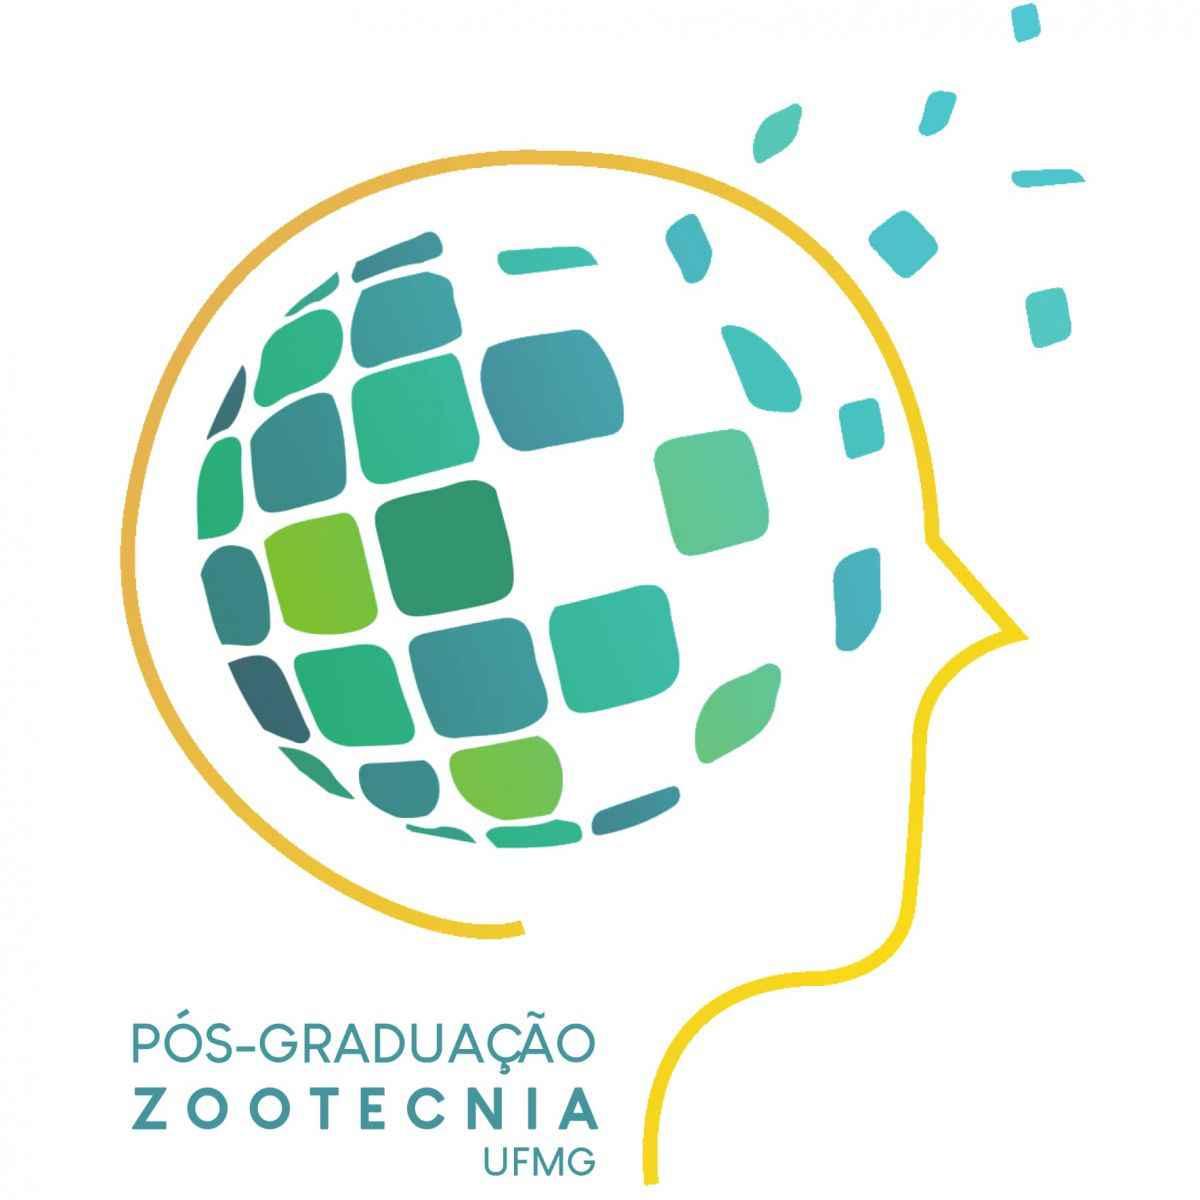 Logomarca da Pós-graduação em Zootecnia